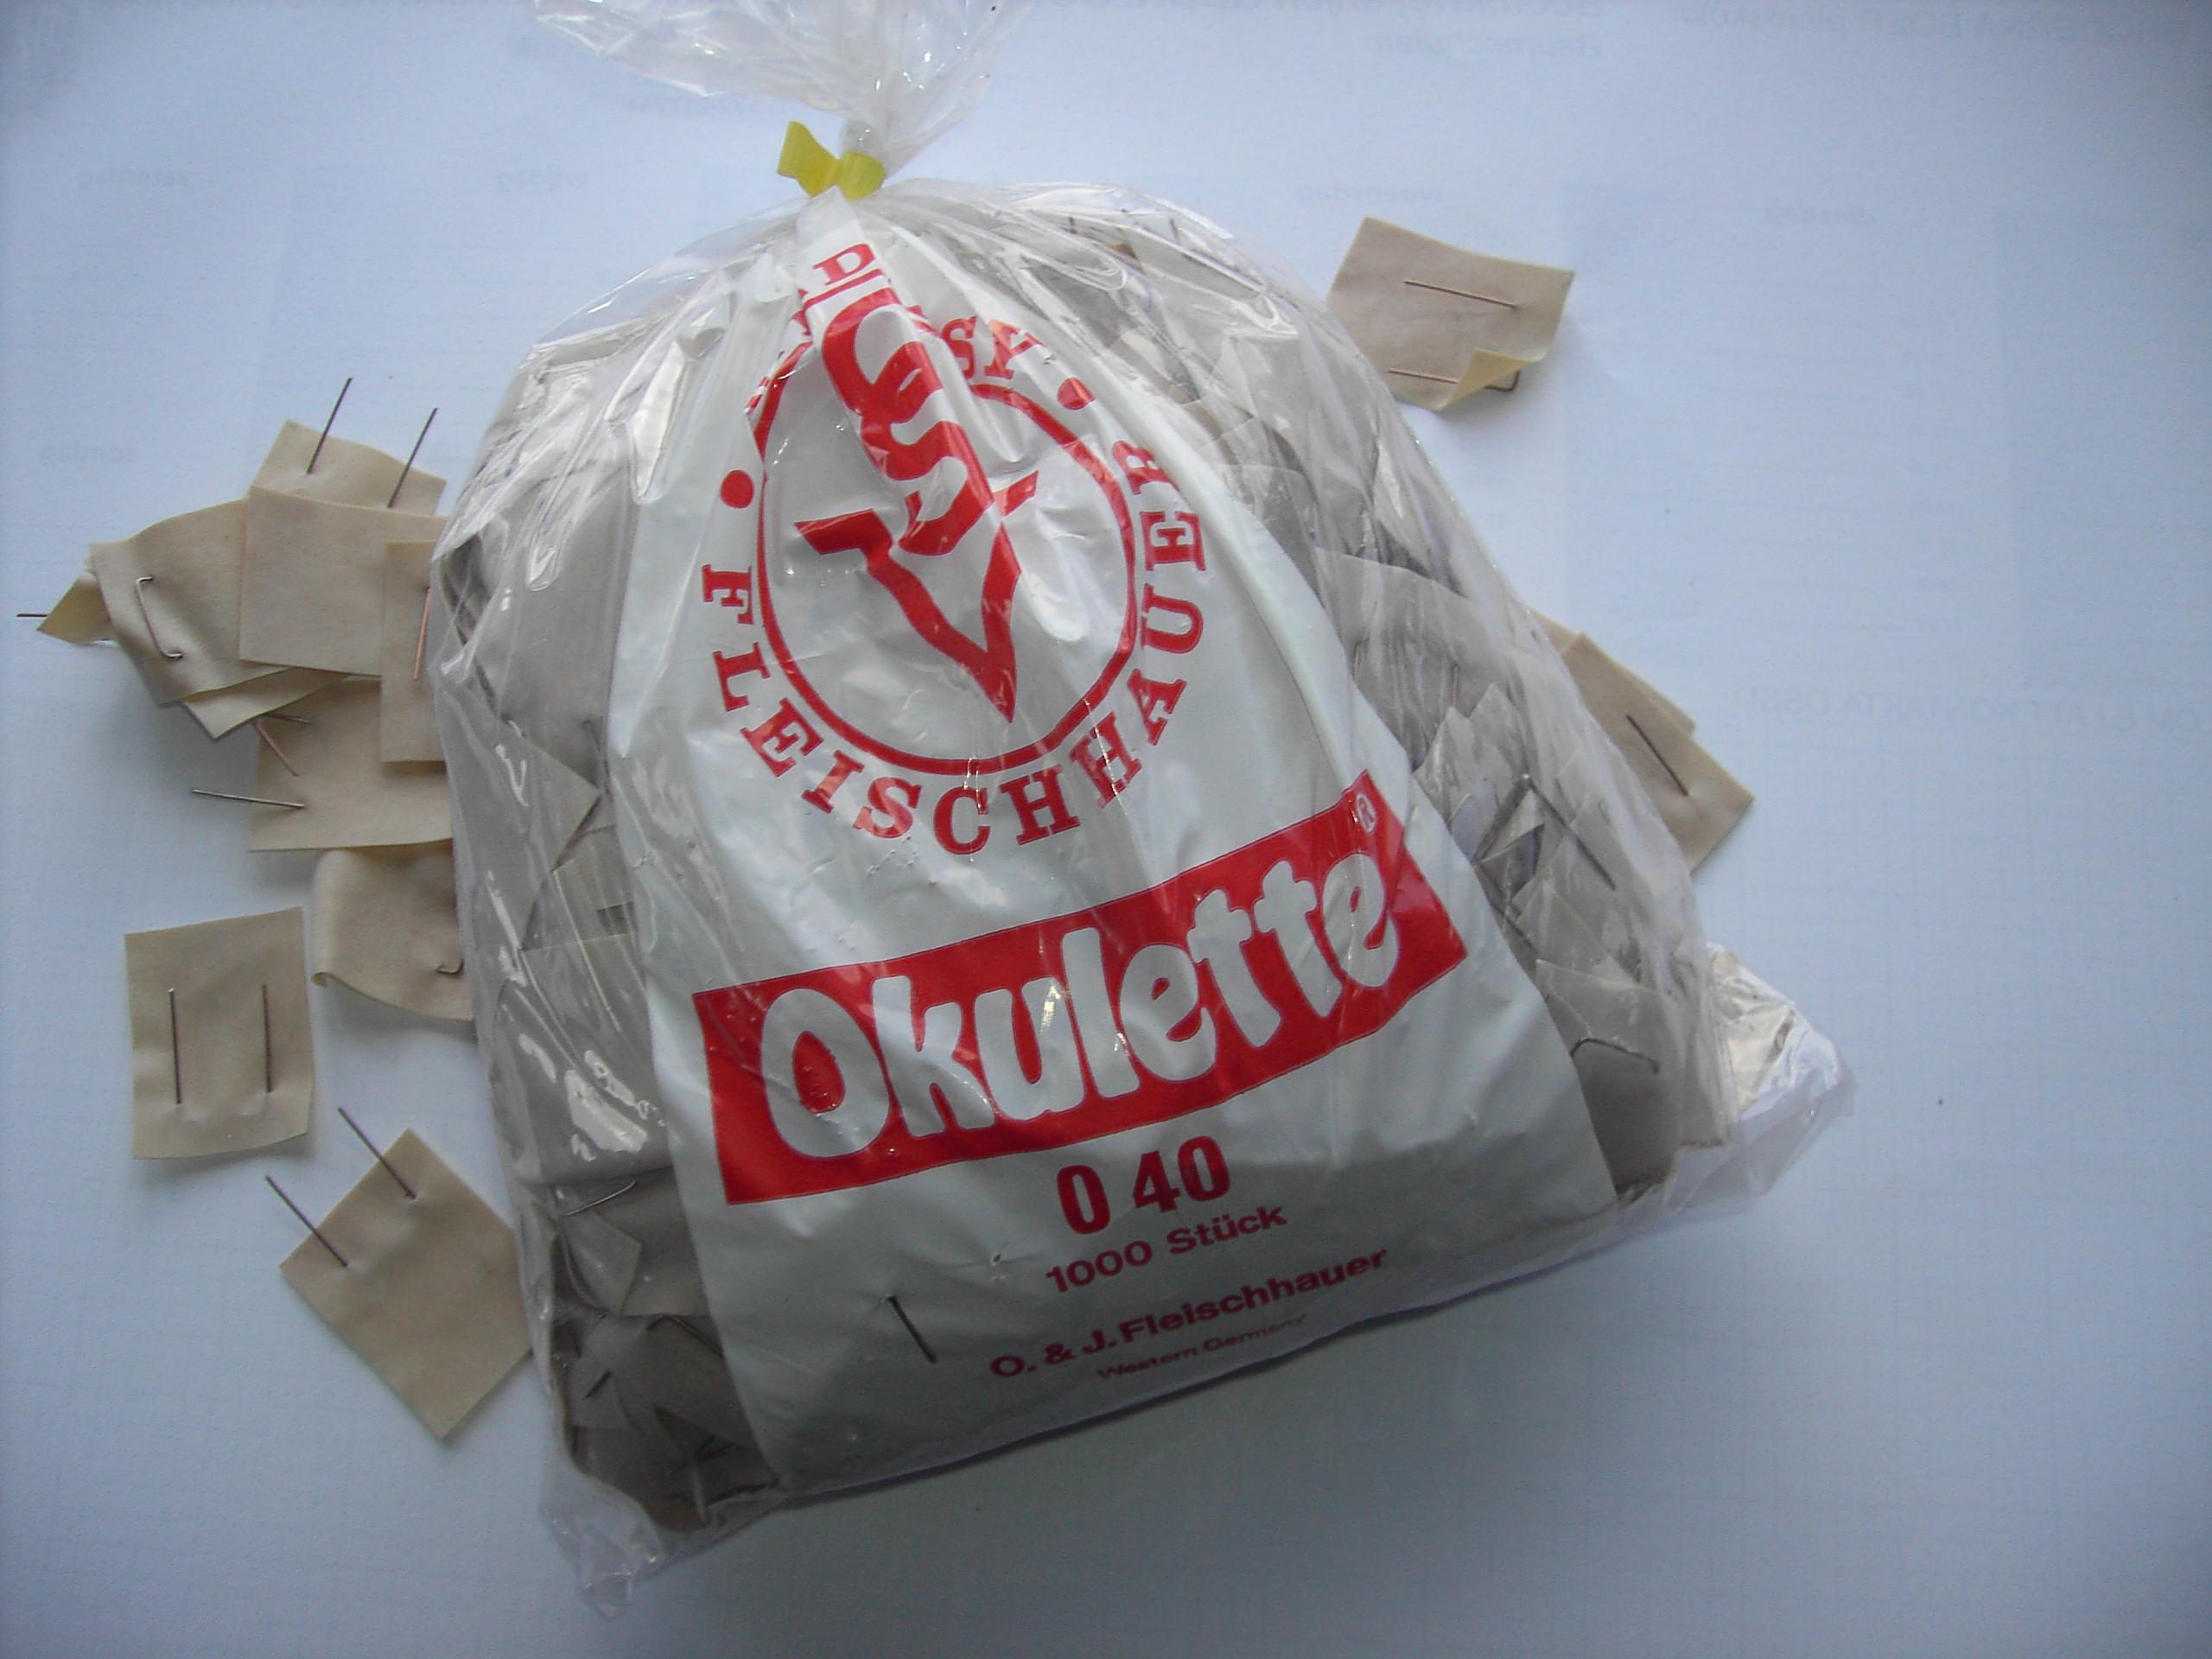 Okulette